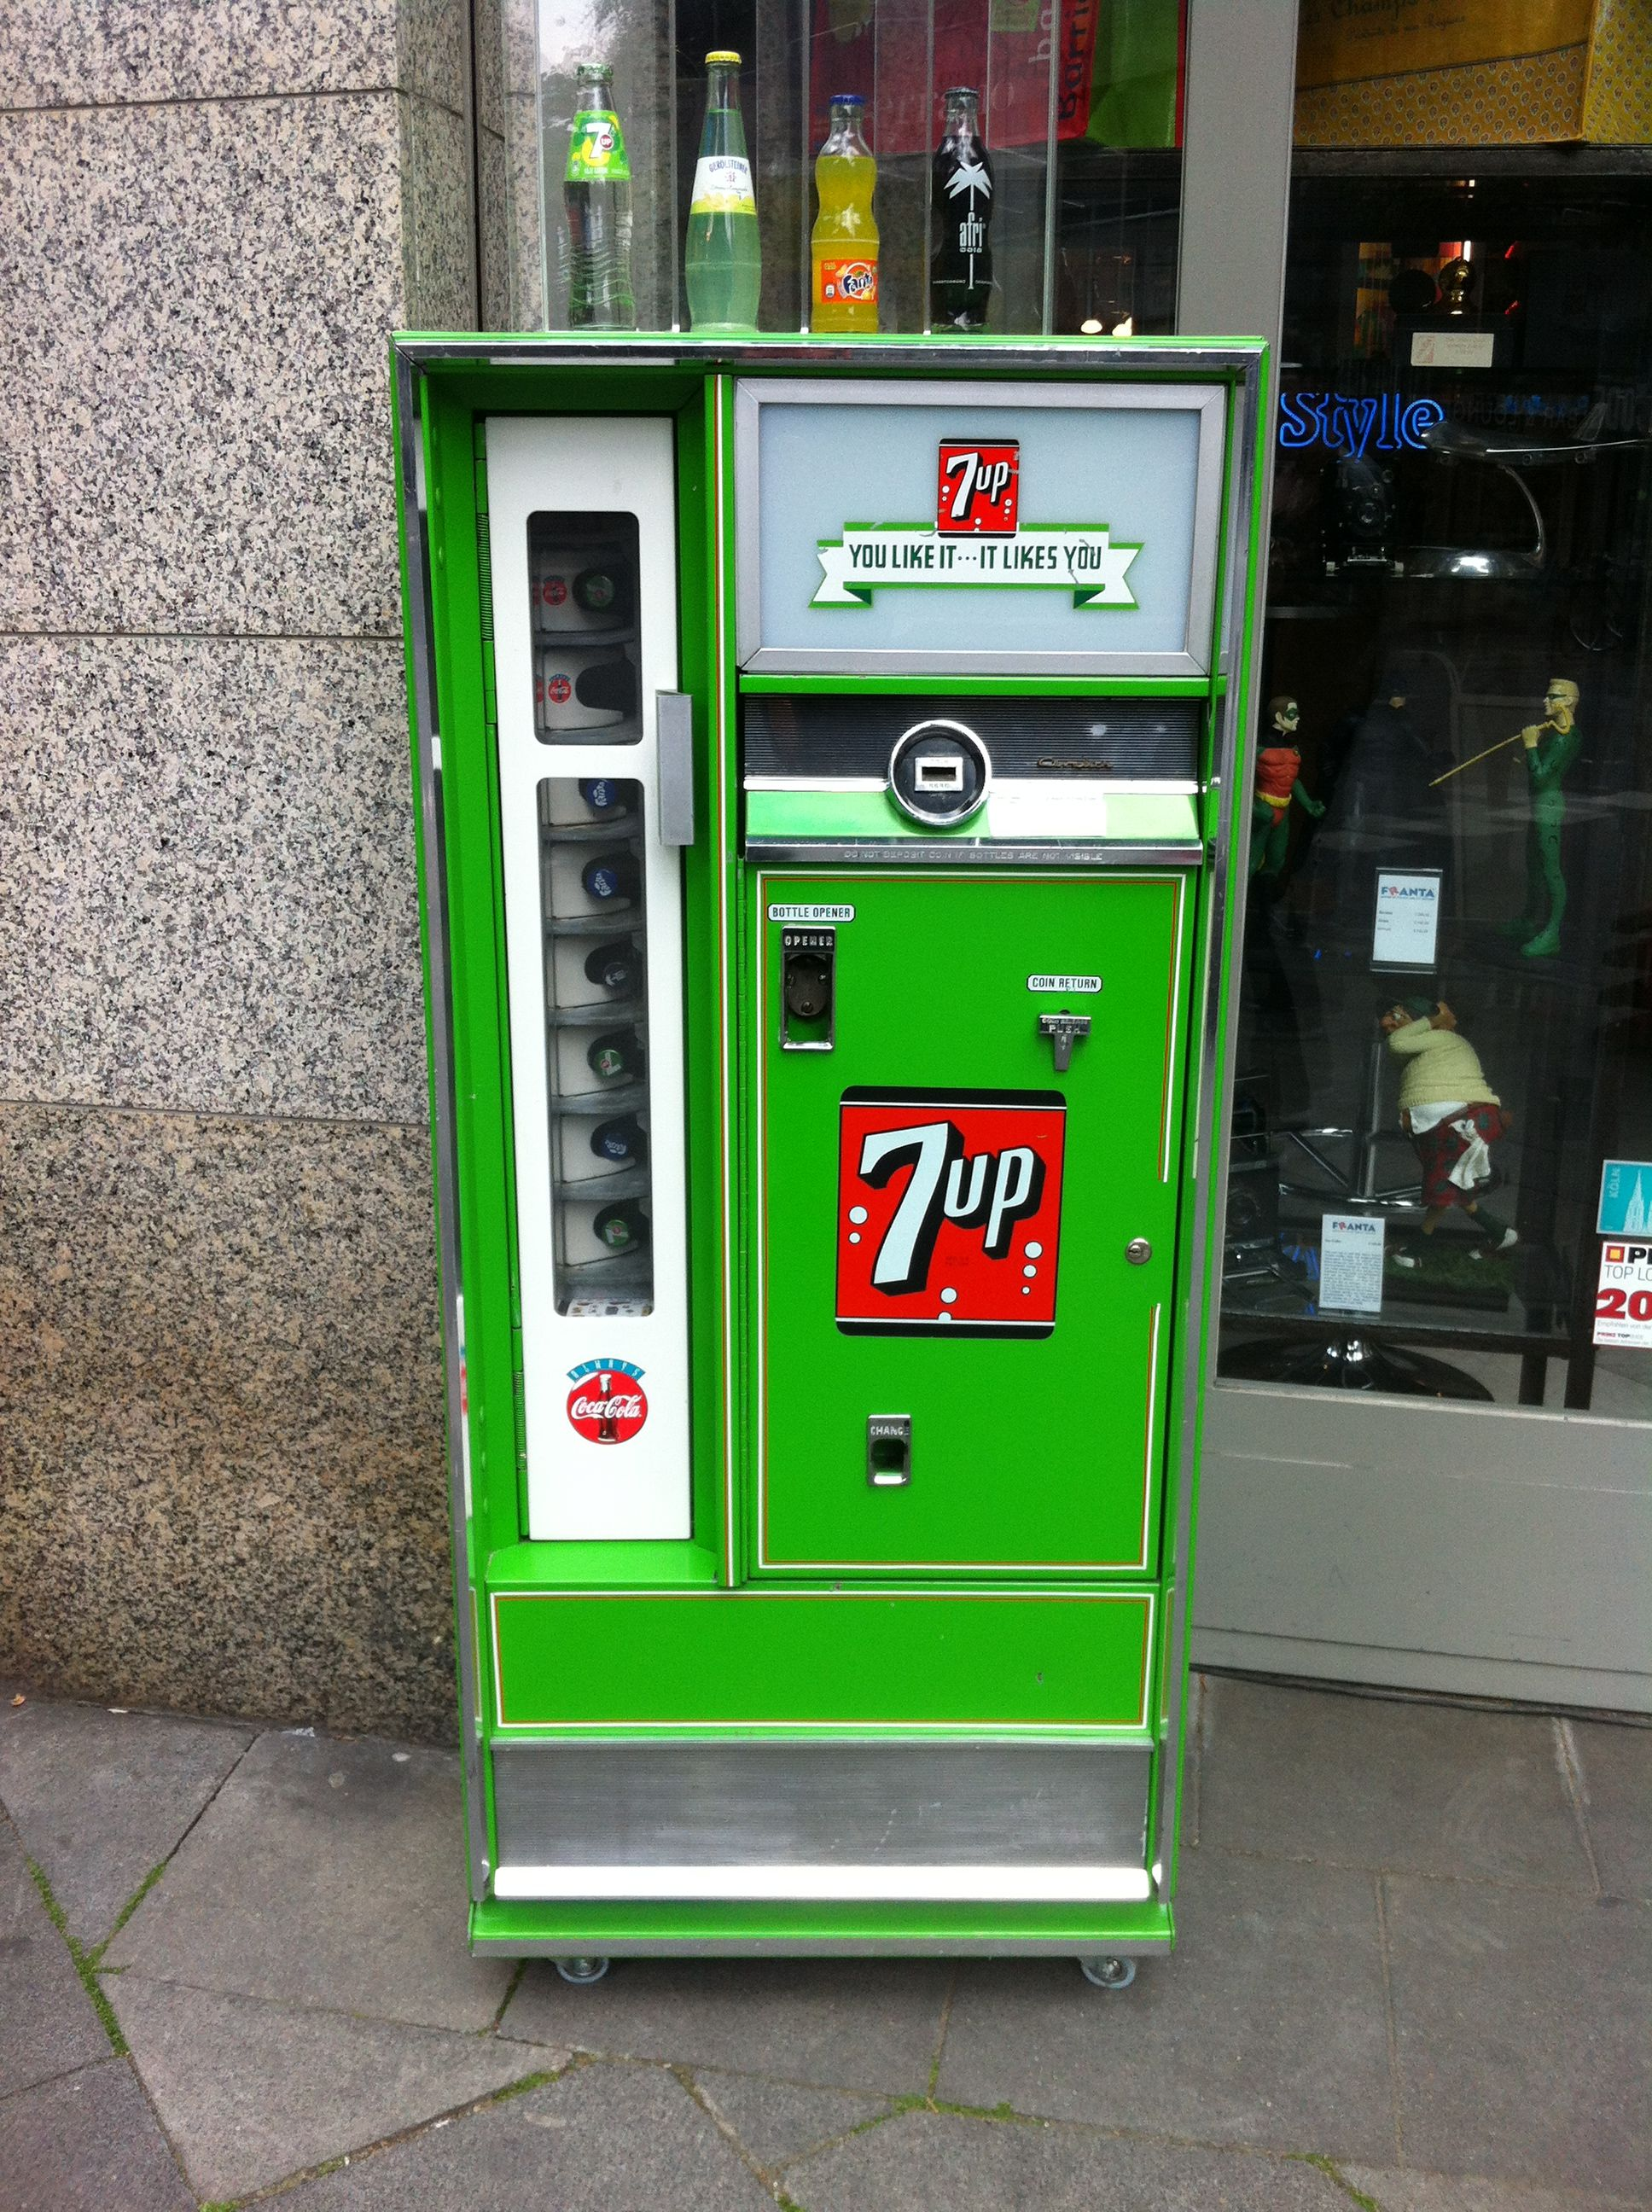 Retro Getränke-Automat   FUN - Automaten-Kultur   Pinterest